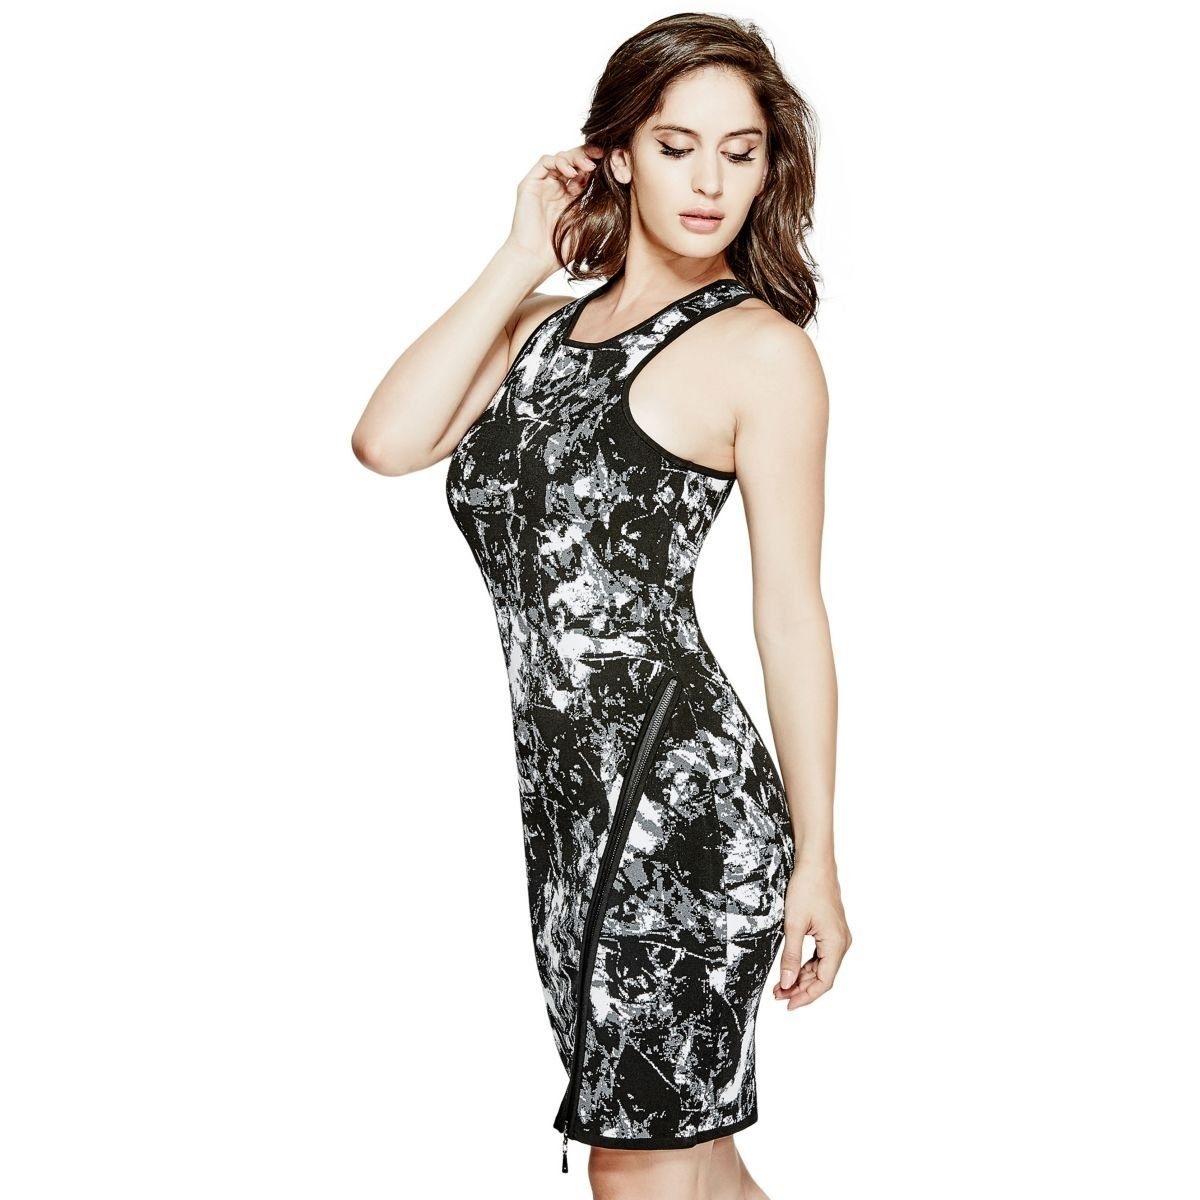 20 Luxus Partykleider Damen Bester PreisAbend Top Partykleider Damen Galerie